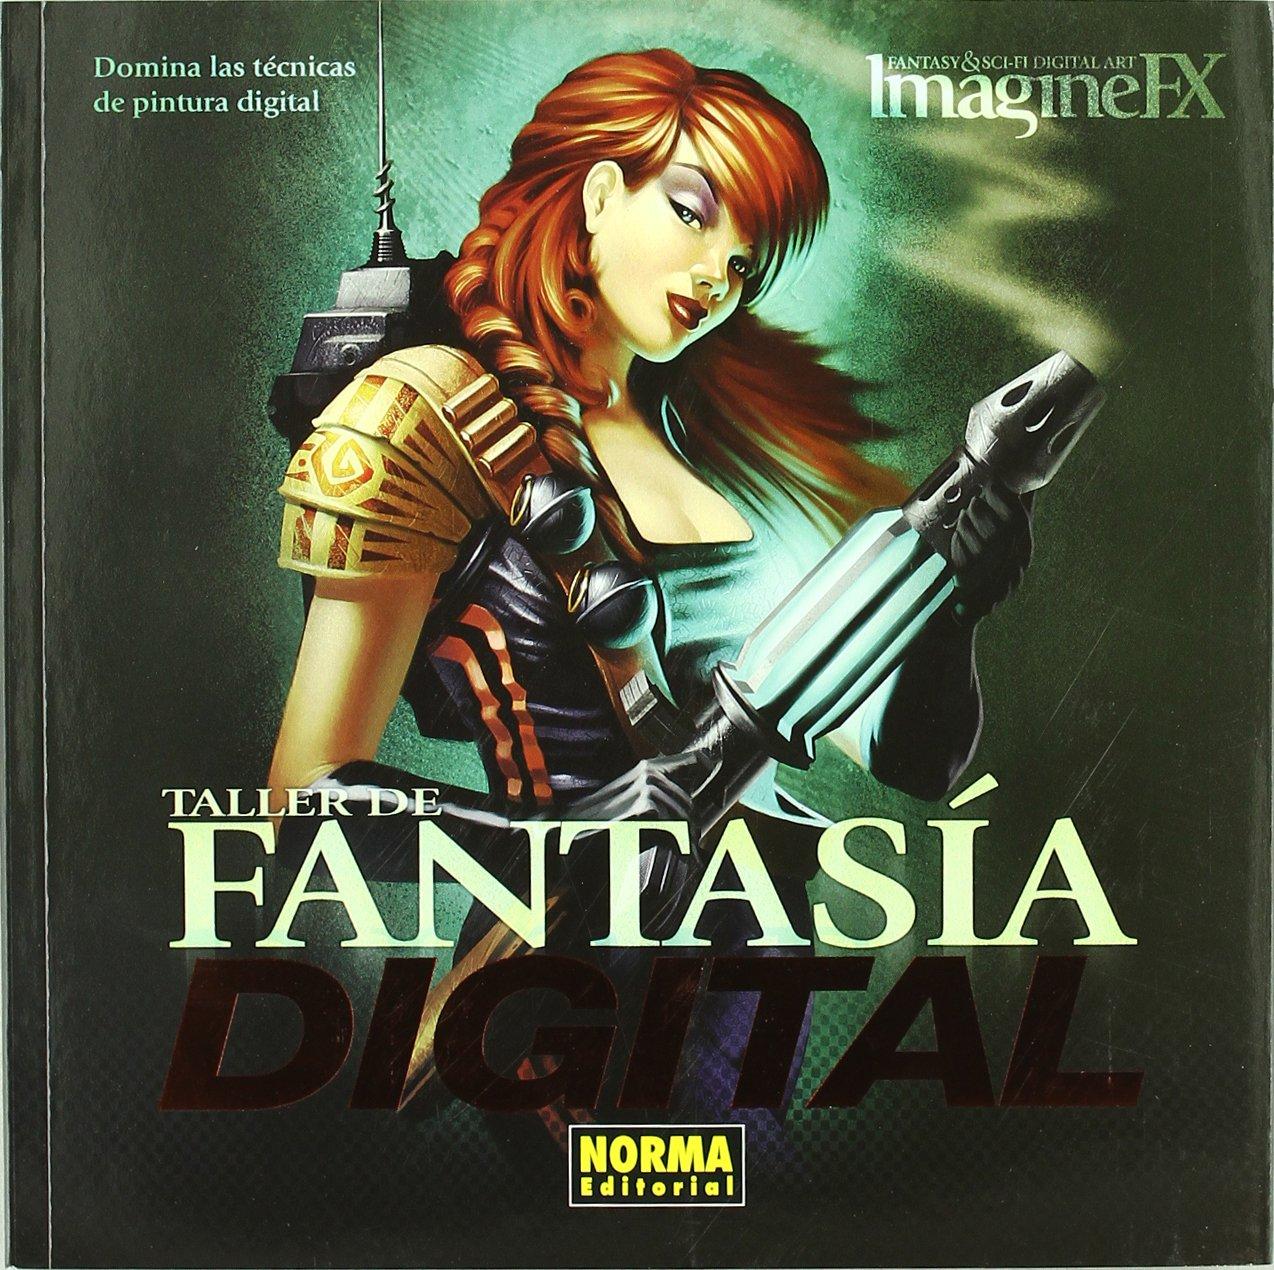 TALLER DE FANTASÍA DIGITAL (LIBROS TEÓRICOS USA): Amazon.es: ImagineFX: Libros